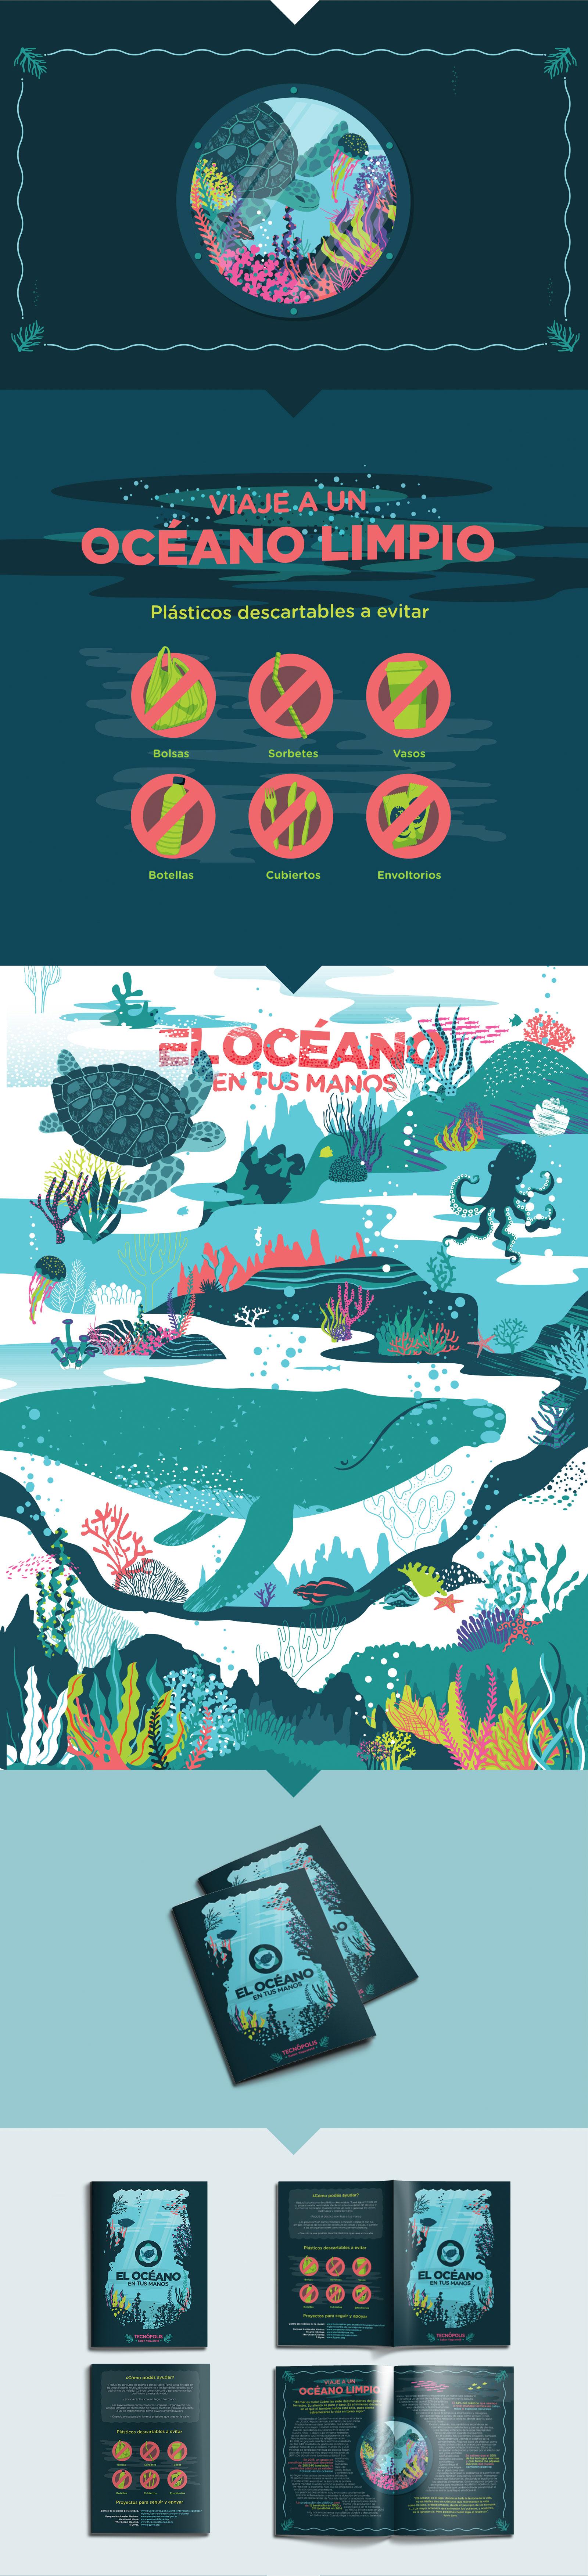 El-Oceano-En-Tus-Manos-2